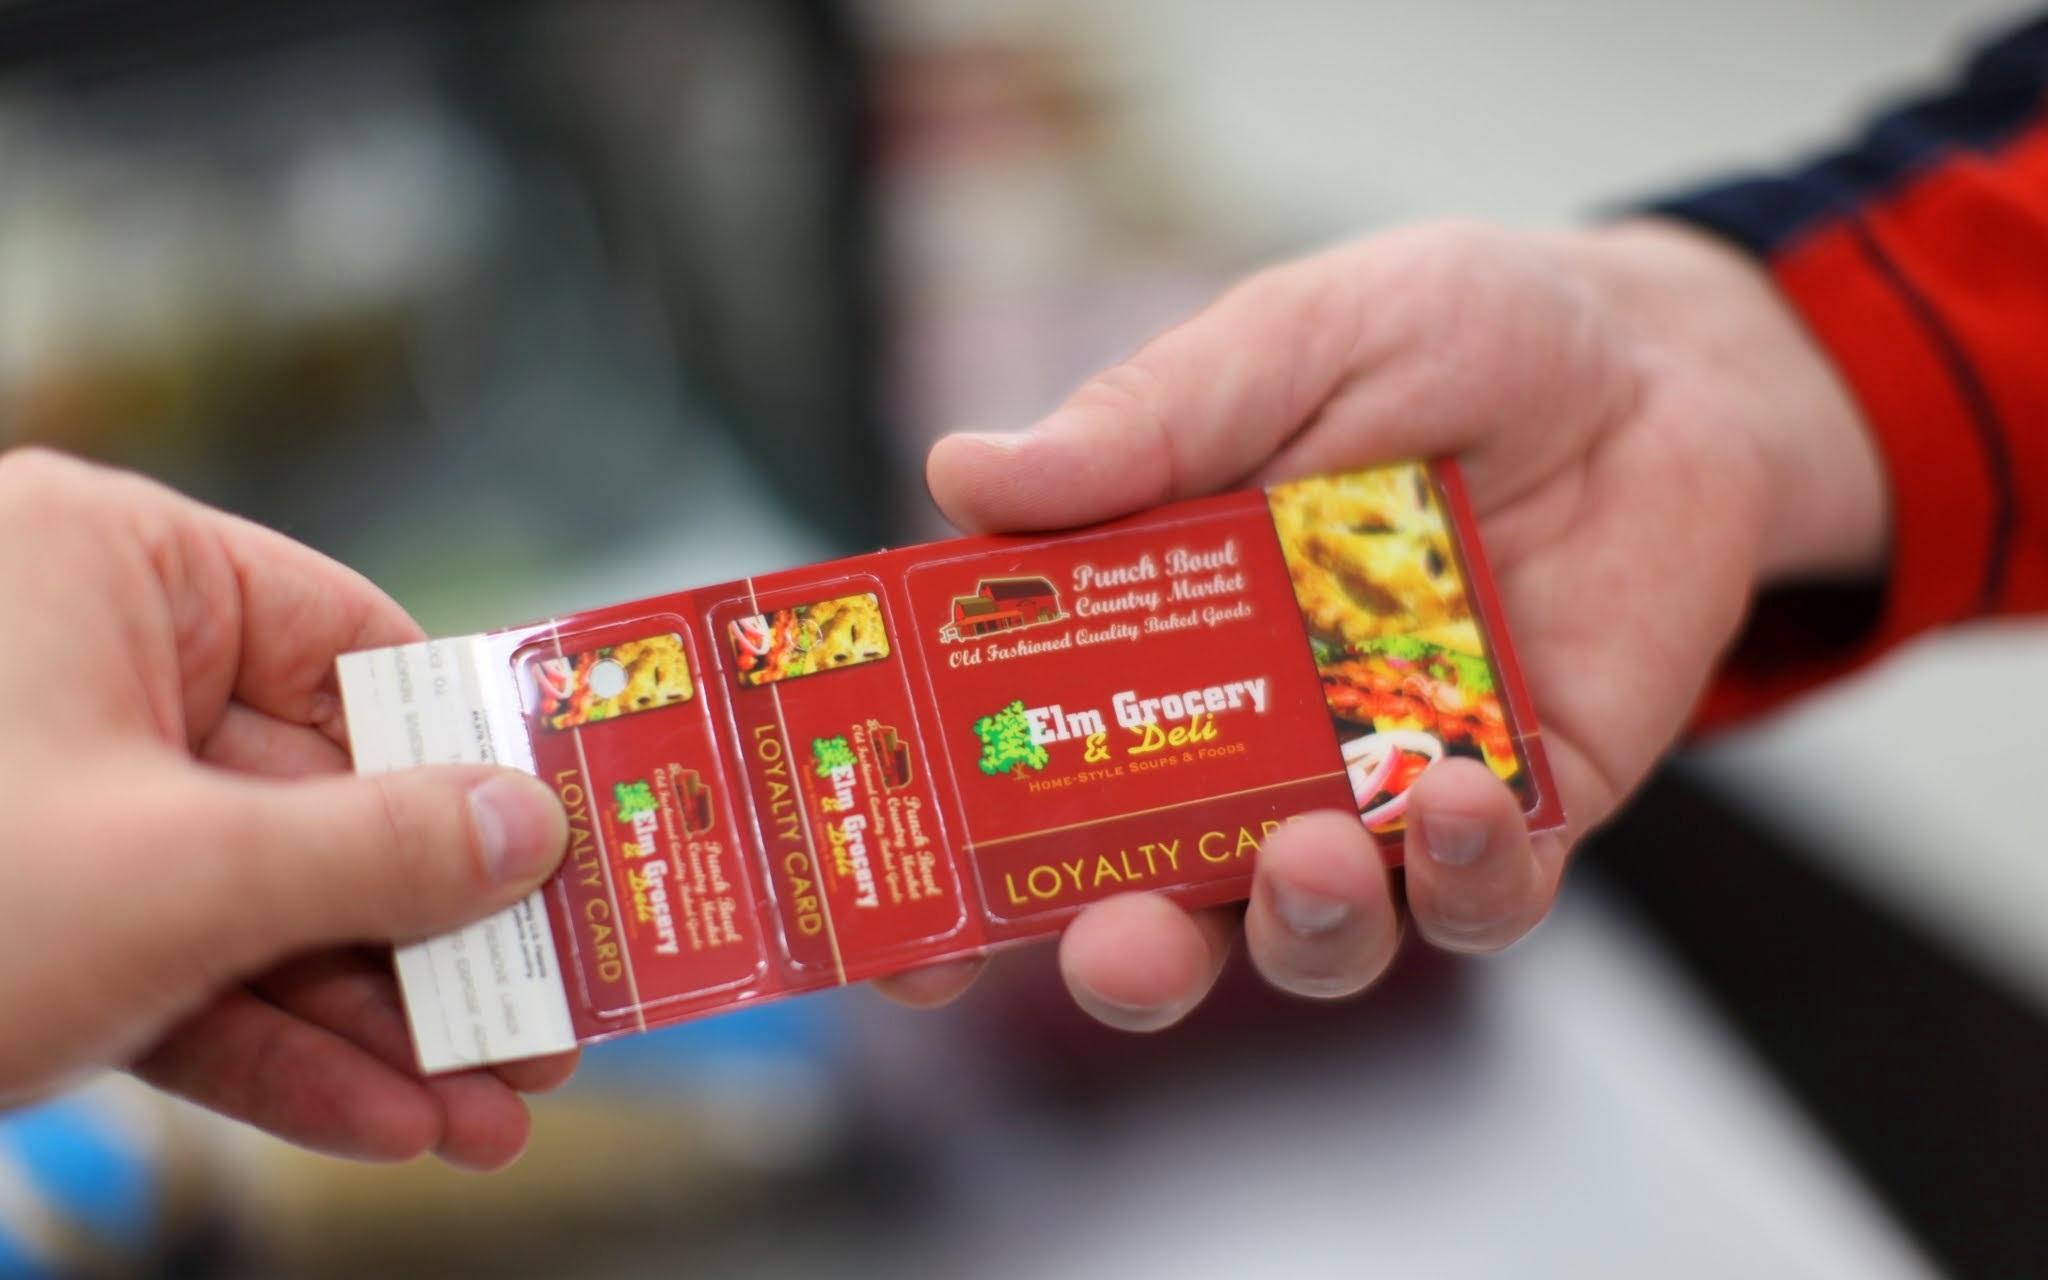 Loyalty-Card-groceraapp